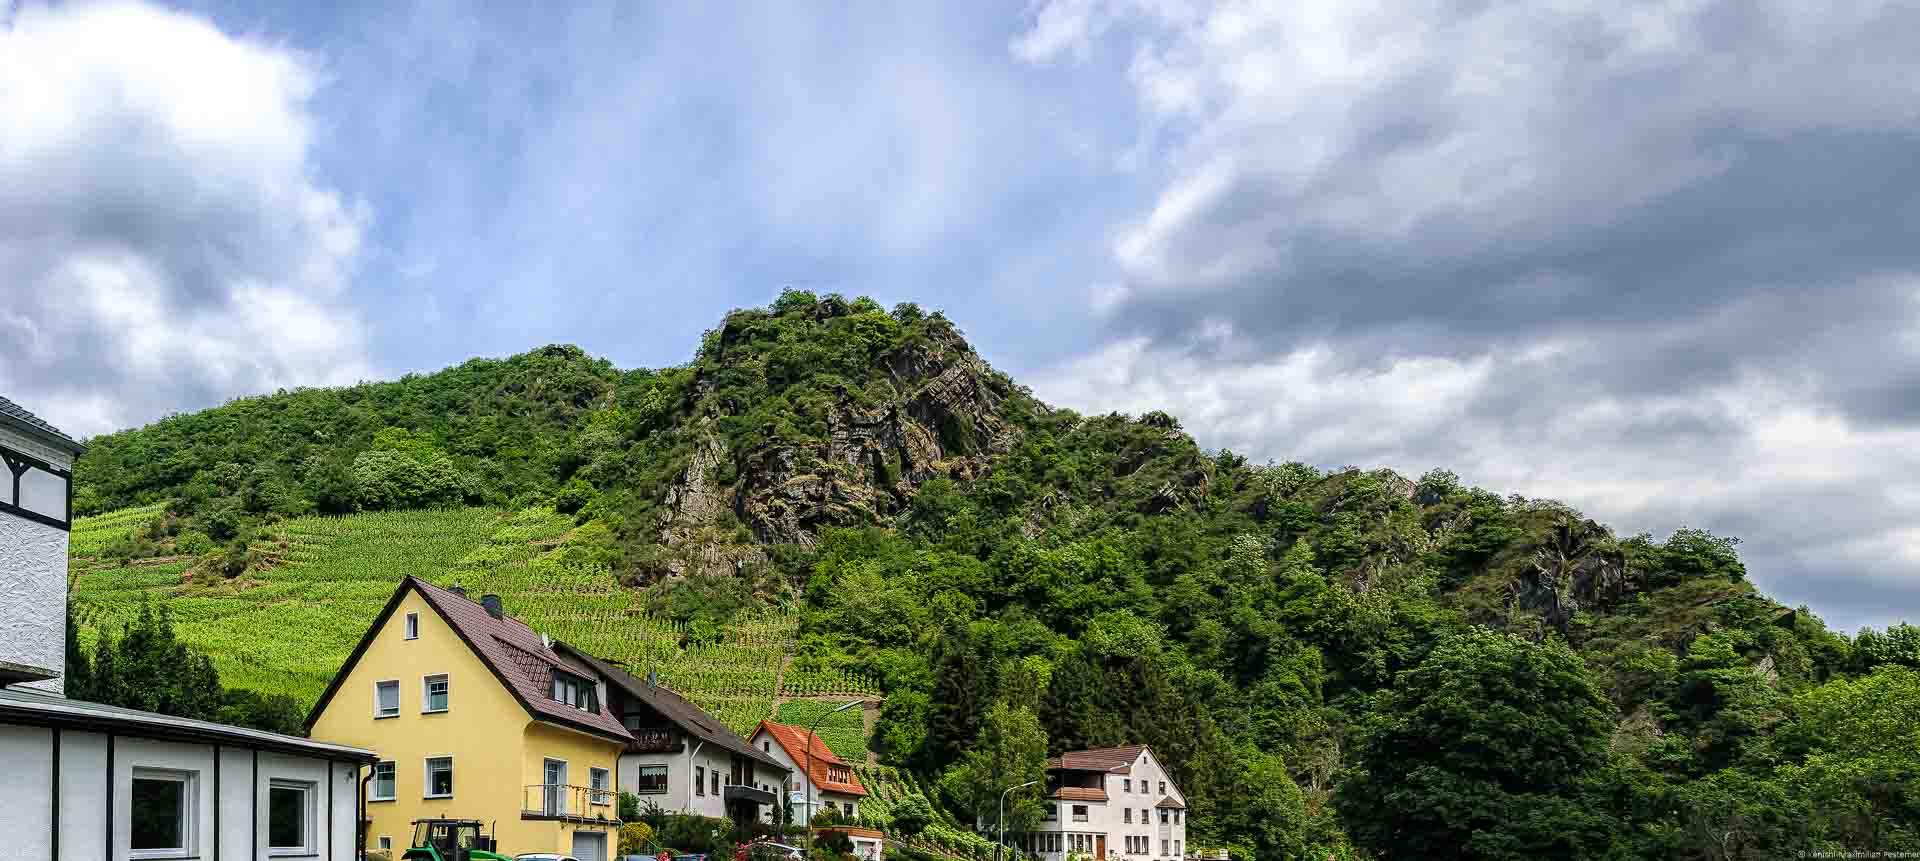 Der Mayschosser Laacherberg liegt nahe dem Fluss und geht in ein Felsmassiv über